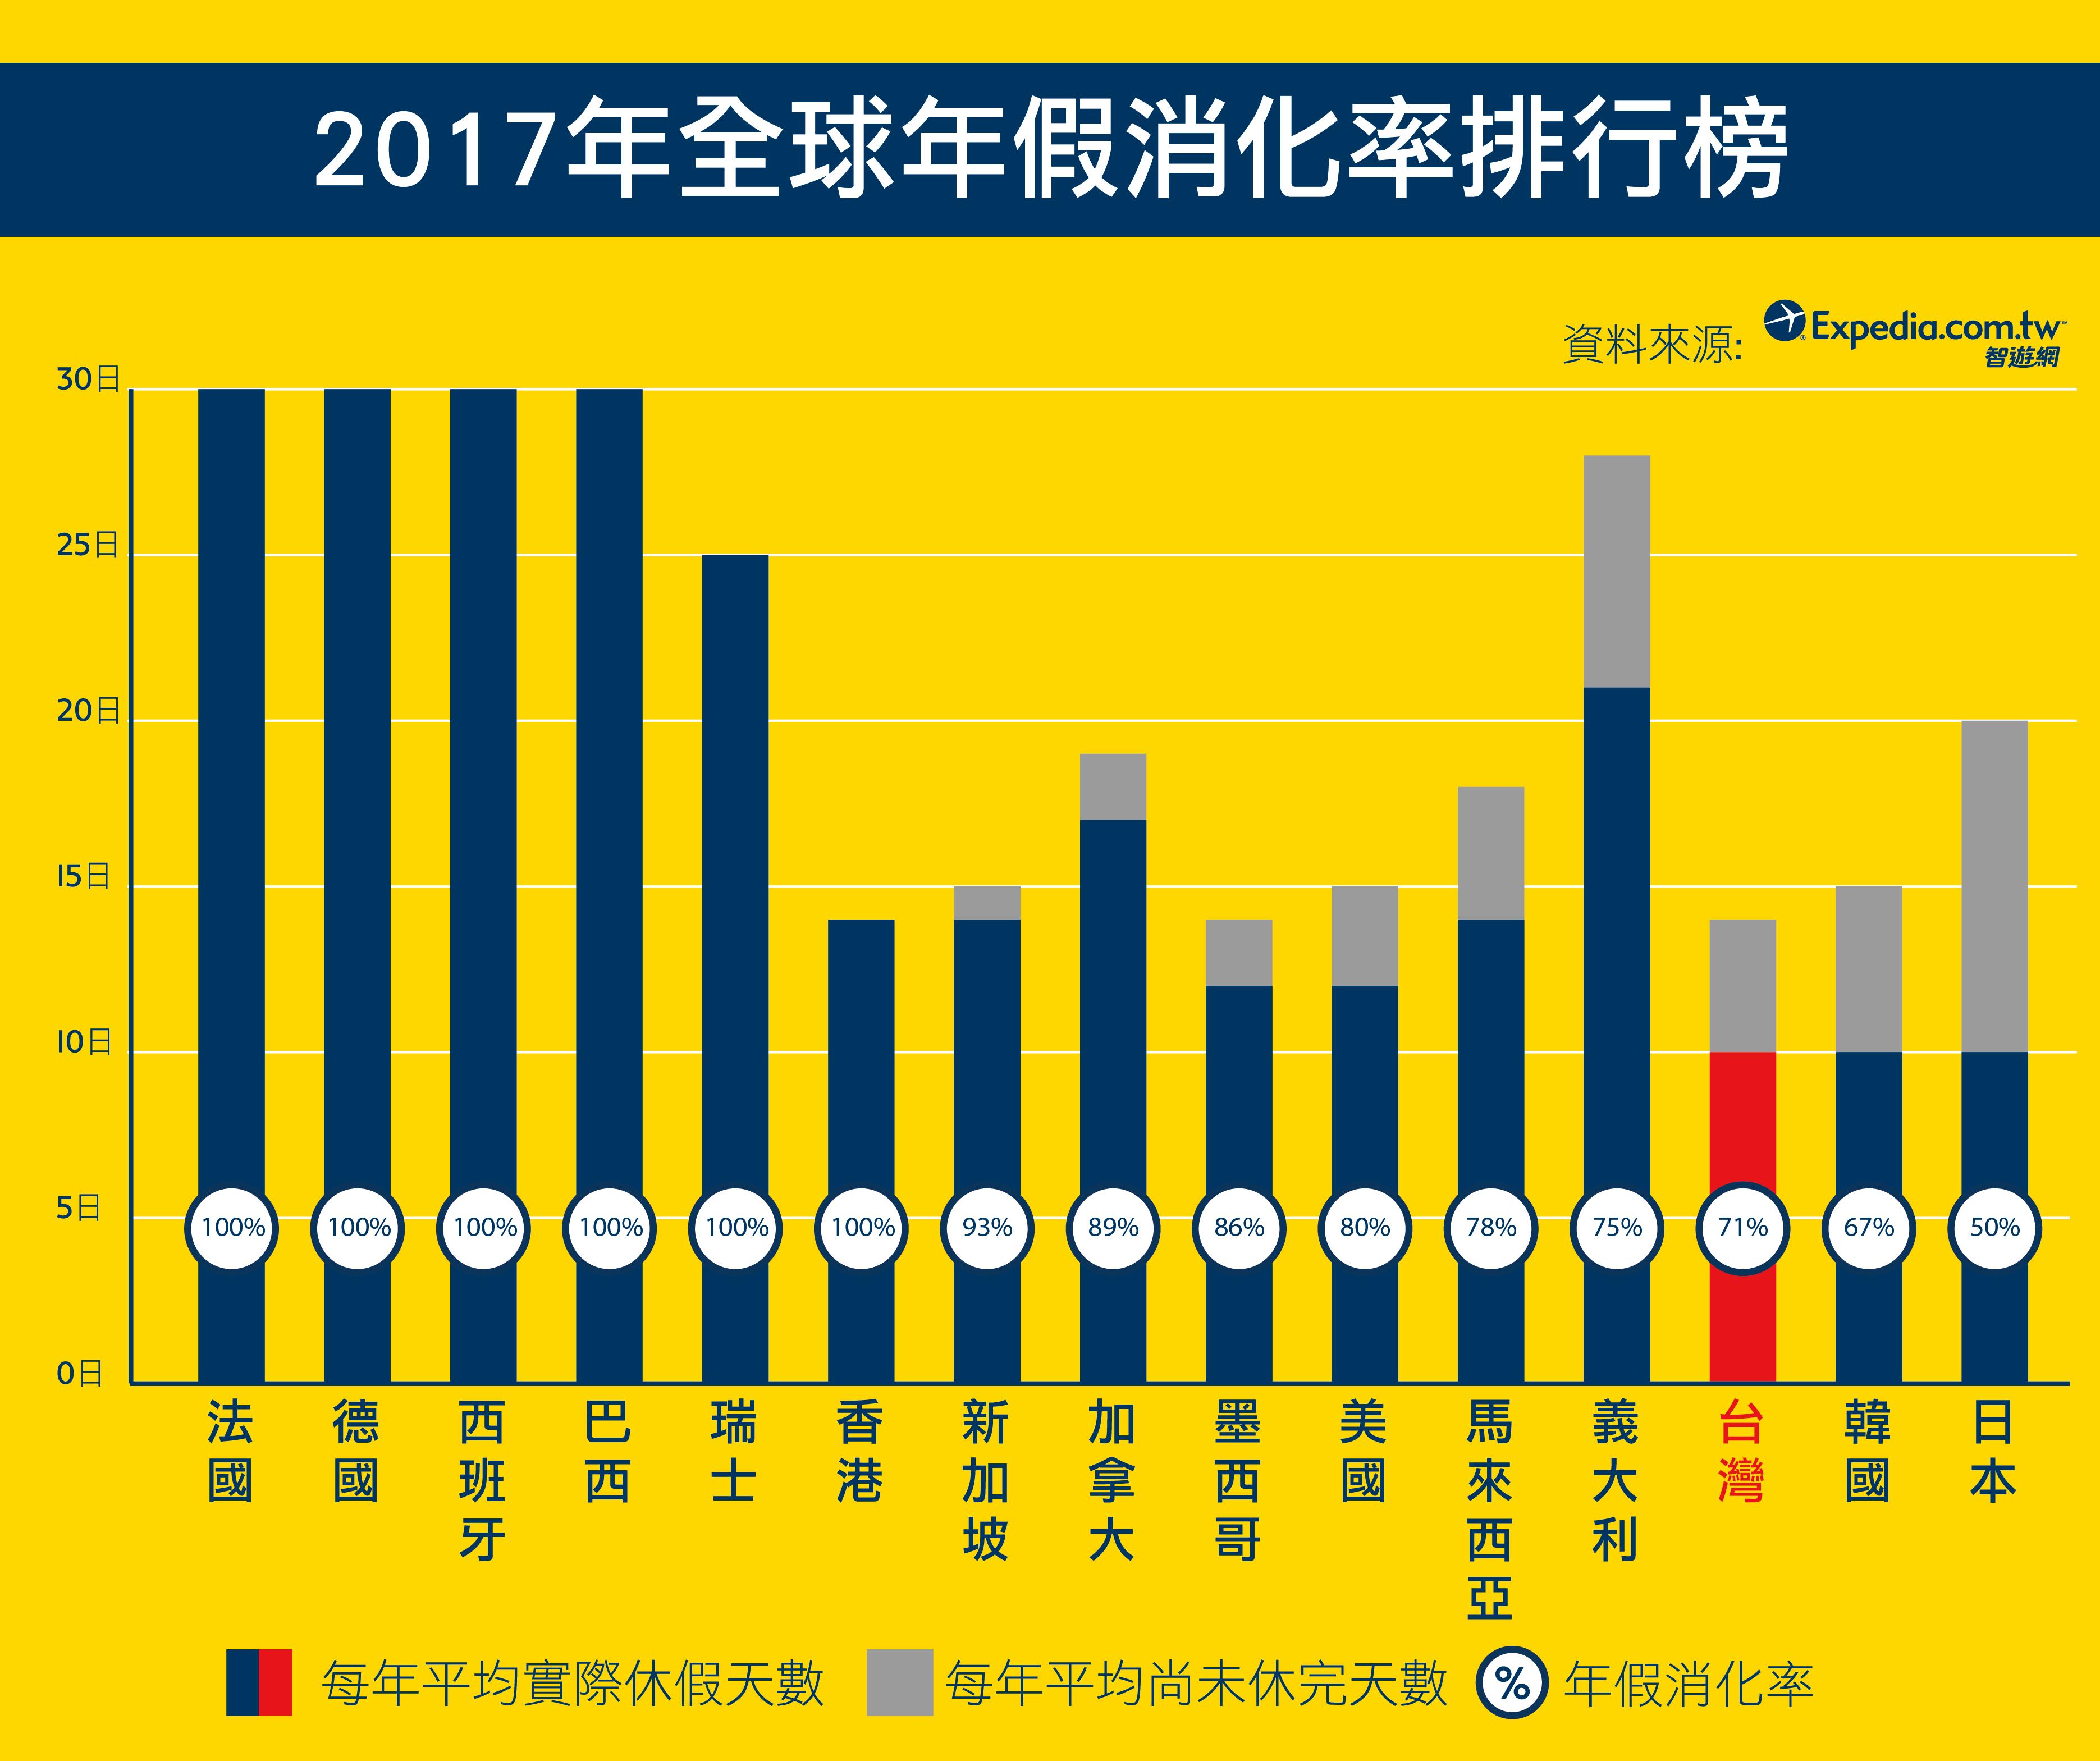 2017年全球假期剝奪調查台灣也上榜